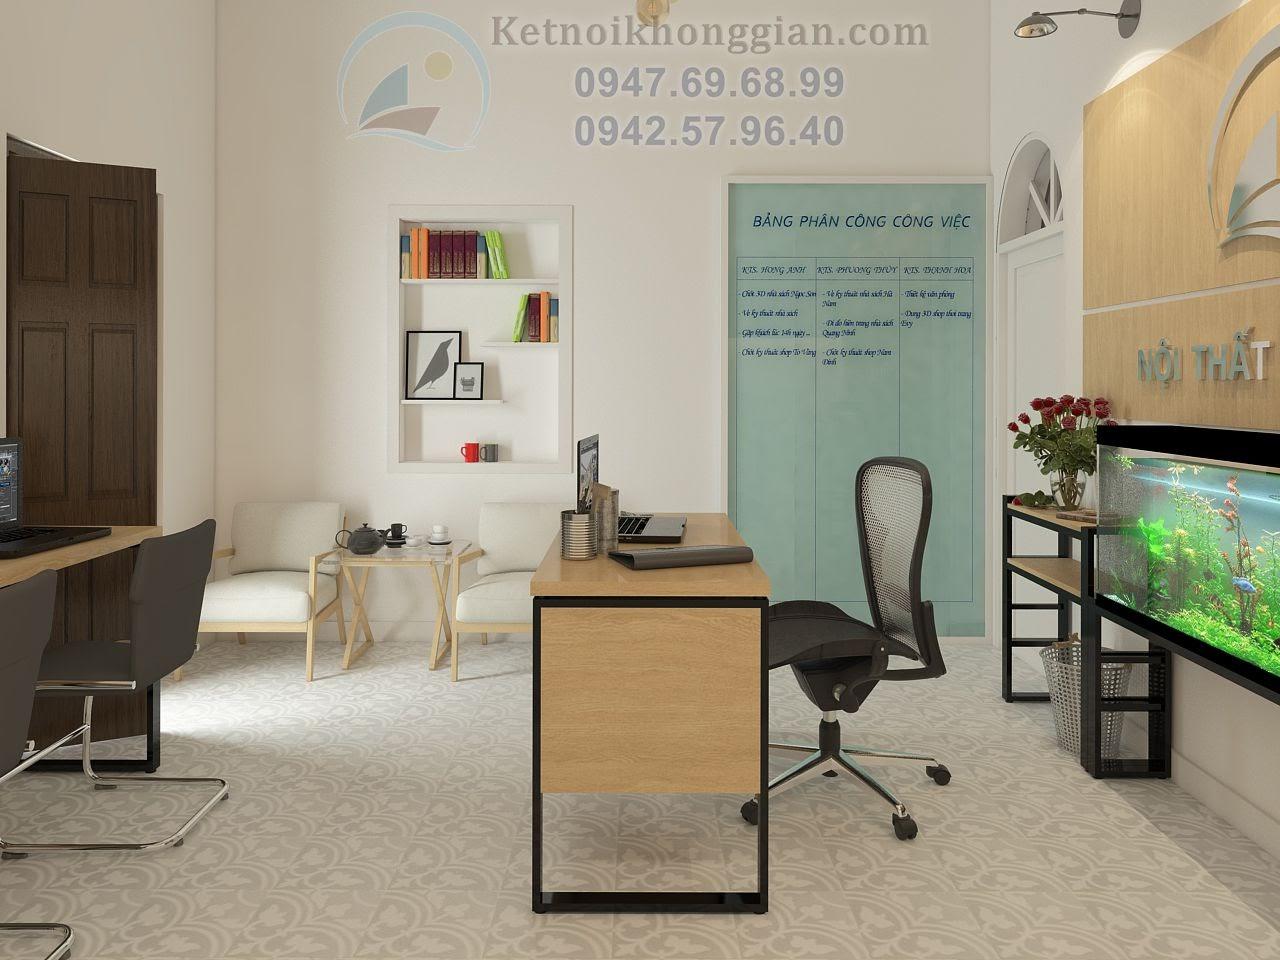 thiết kế văn phòng công ty sáng tạo và ấn tượng